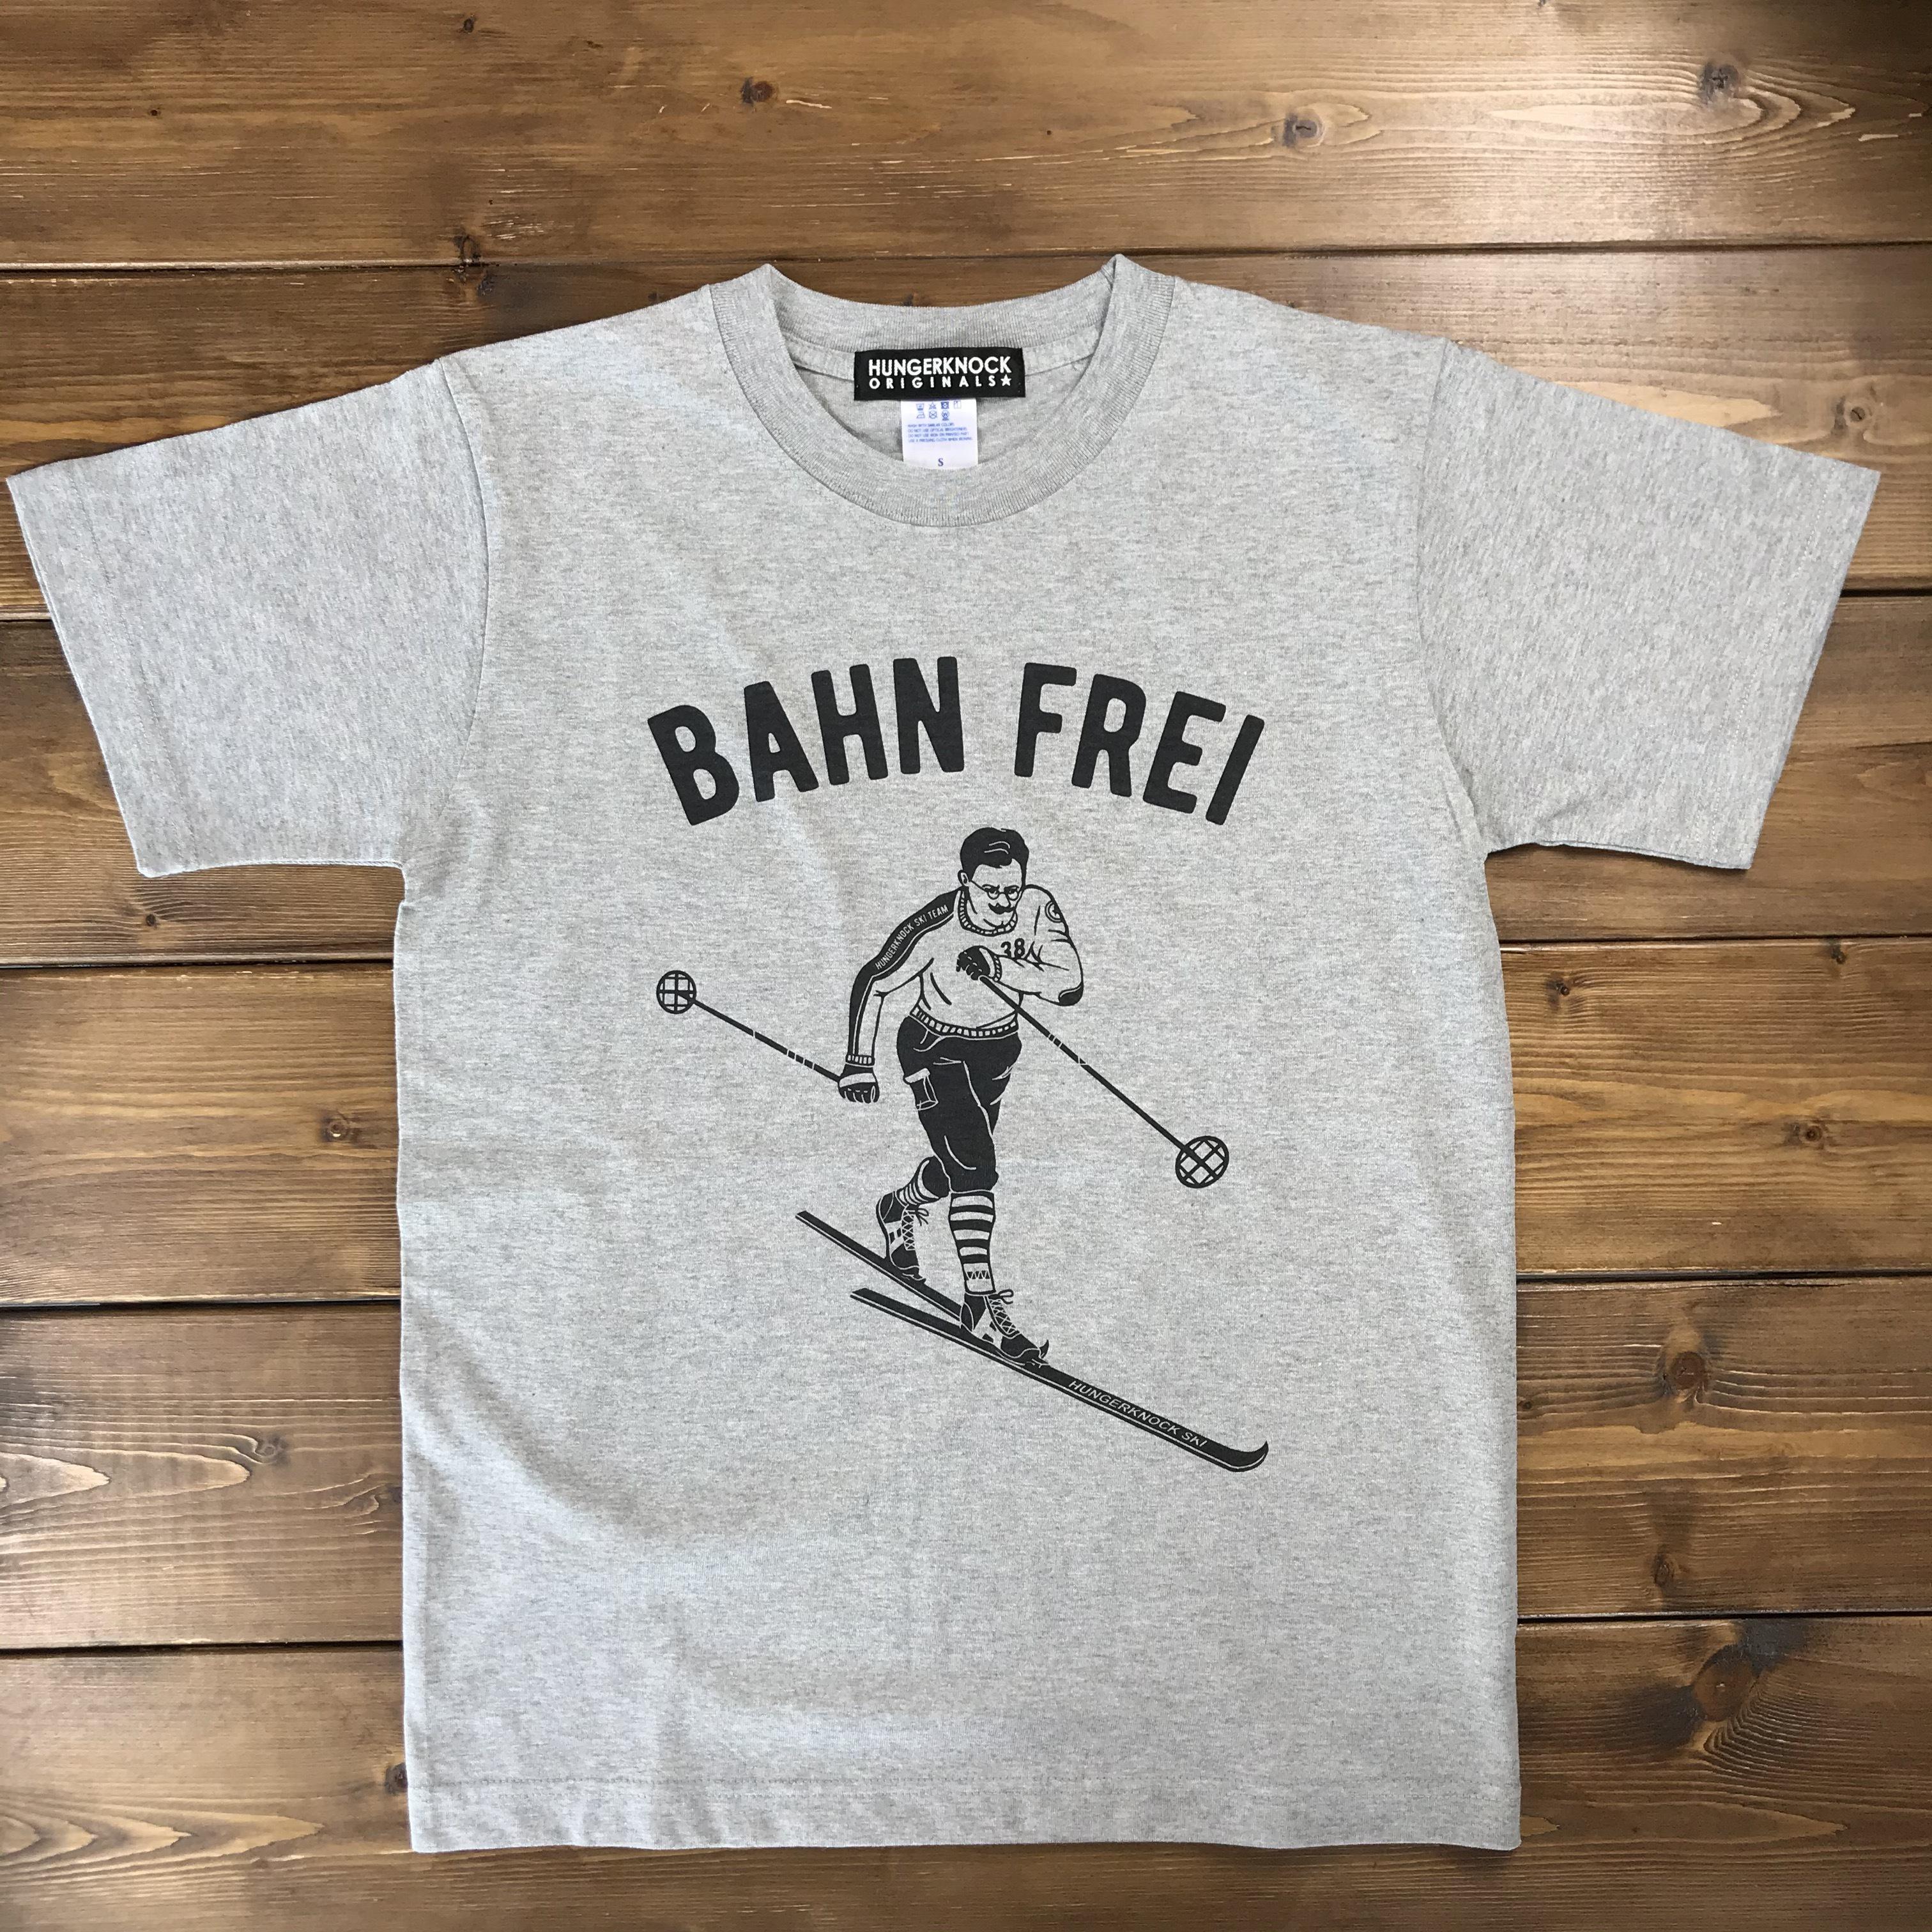 BAHN FREI Tee / gray